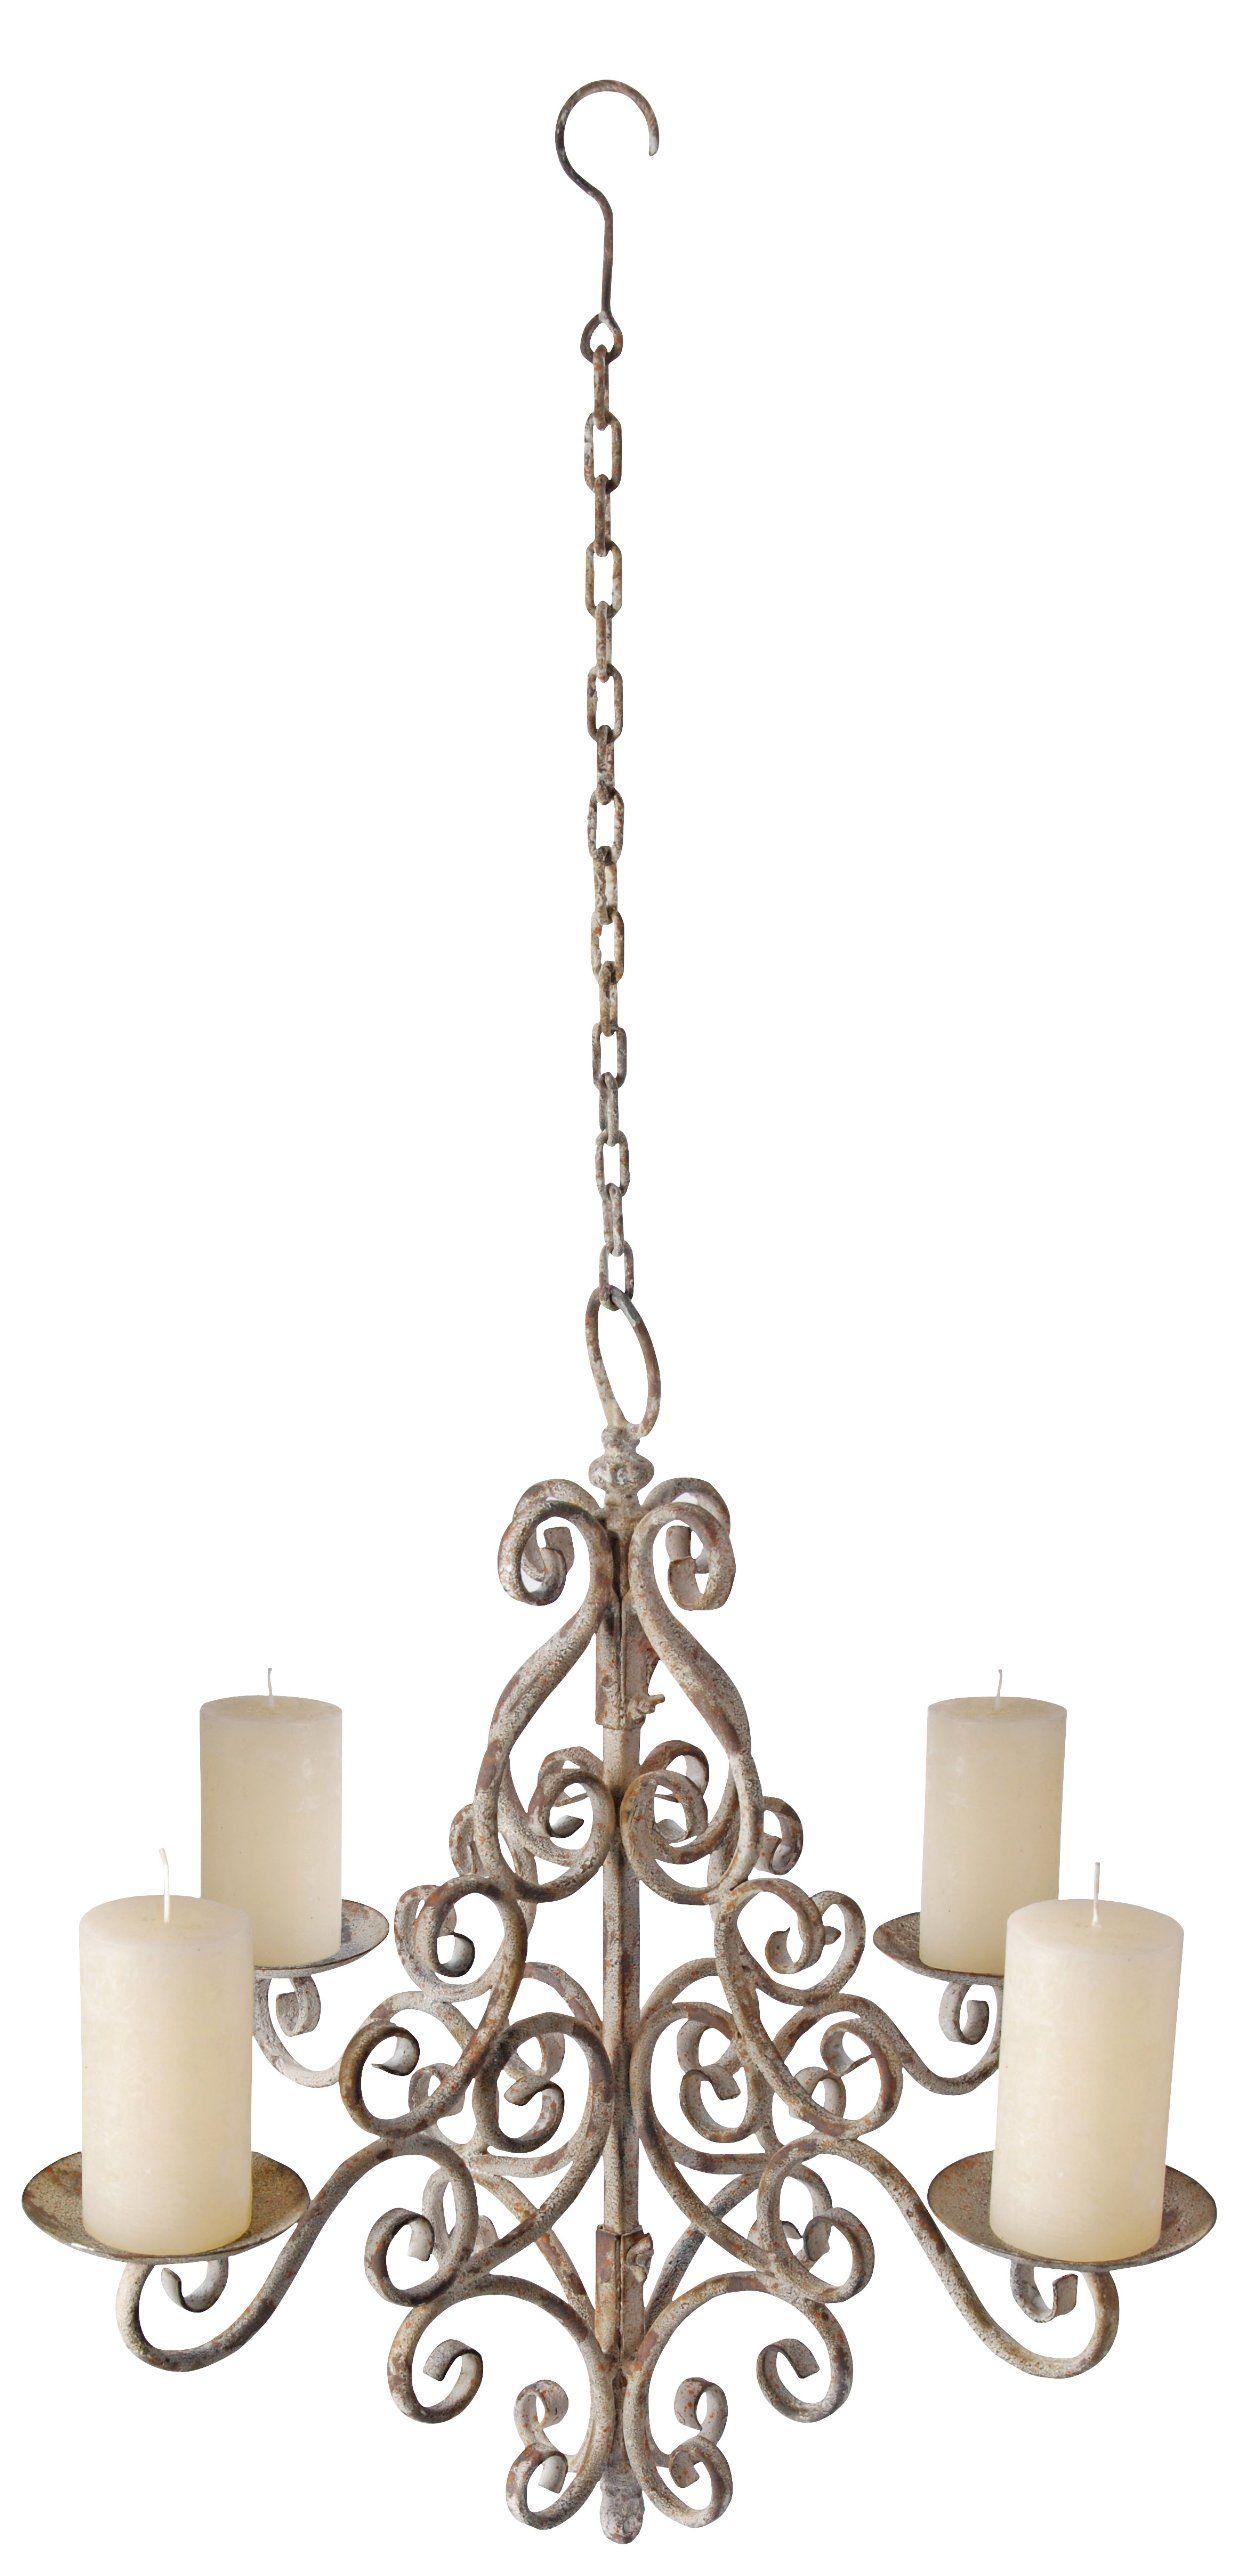 Esschert design am aged metal chandelier gietijzer pinterest